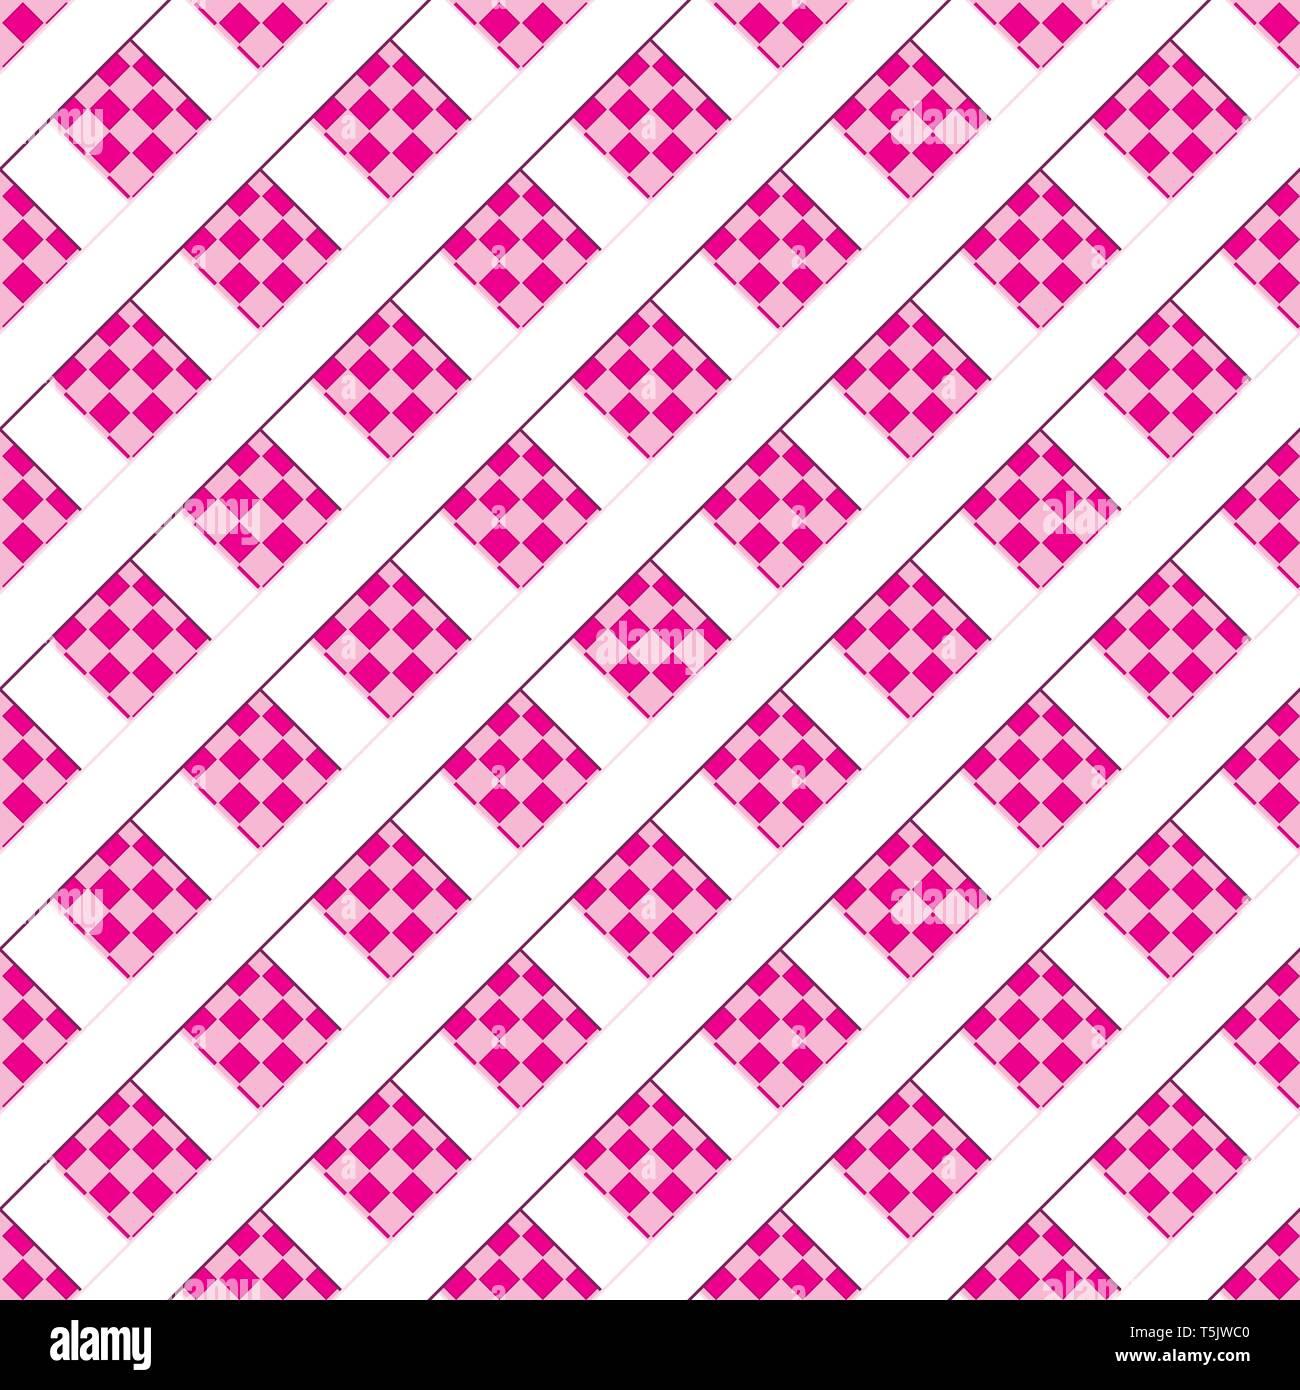 Abstract background transparent rose avec motif géométrique,vector illustration Photo Stock